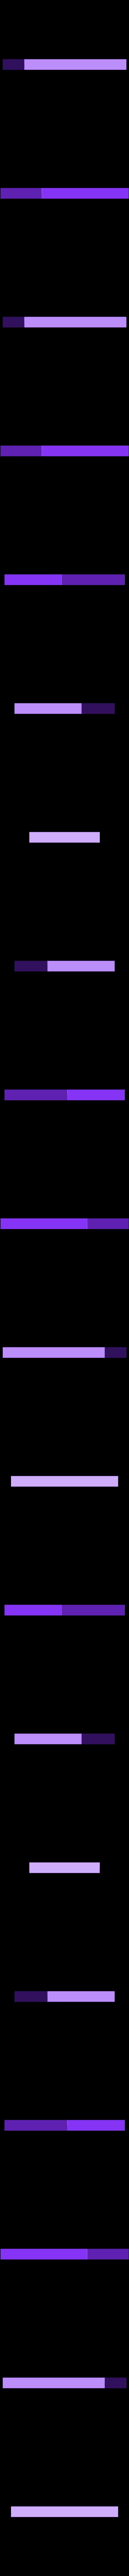 Linear_carriage_support.STL Télécharger fichier STL gratuit Nouvelle motion linéaire pour Prusa i4 • Objet imprimable en 3D, perinski